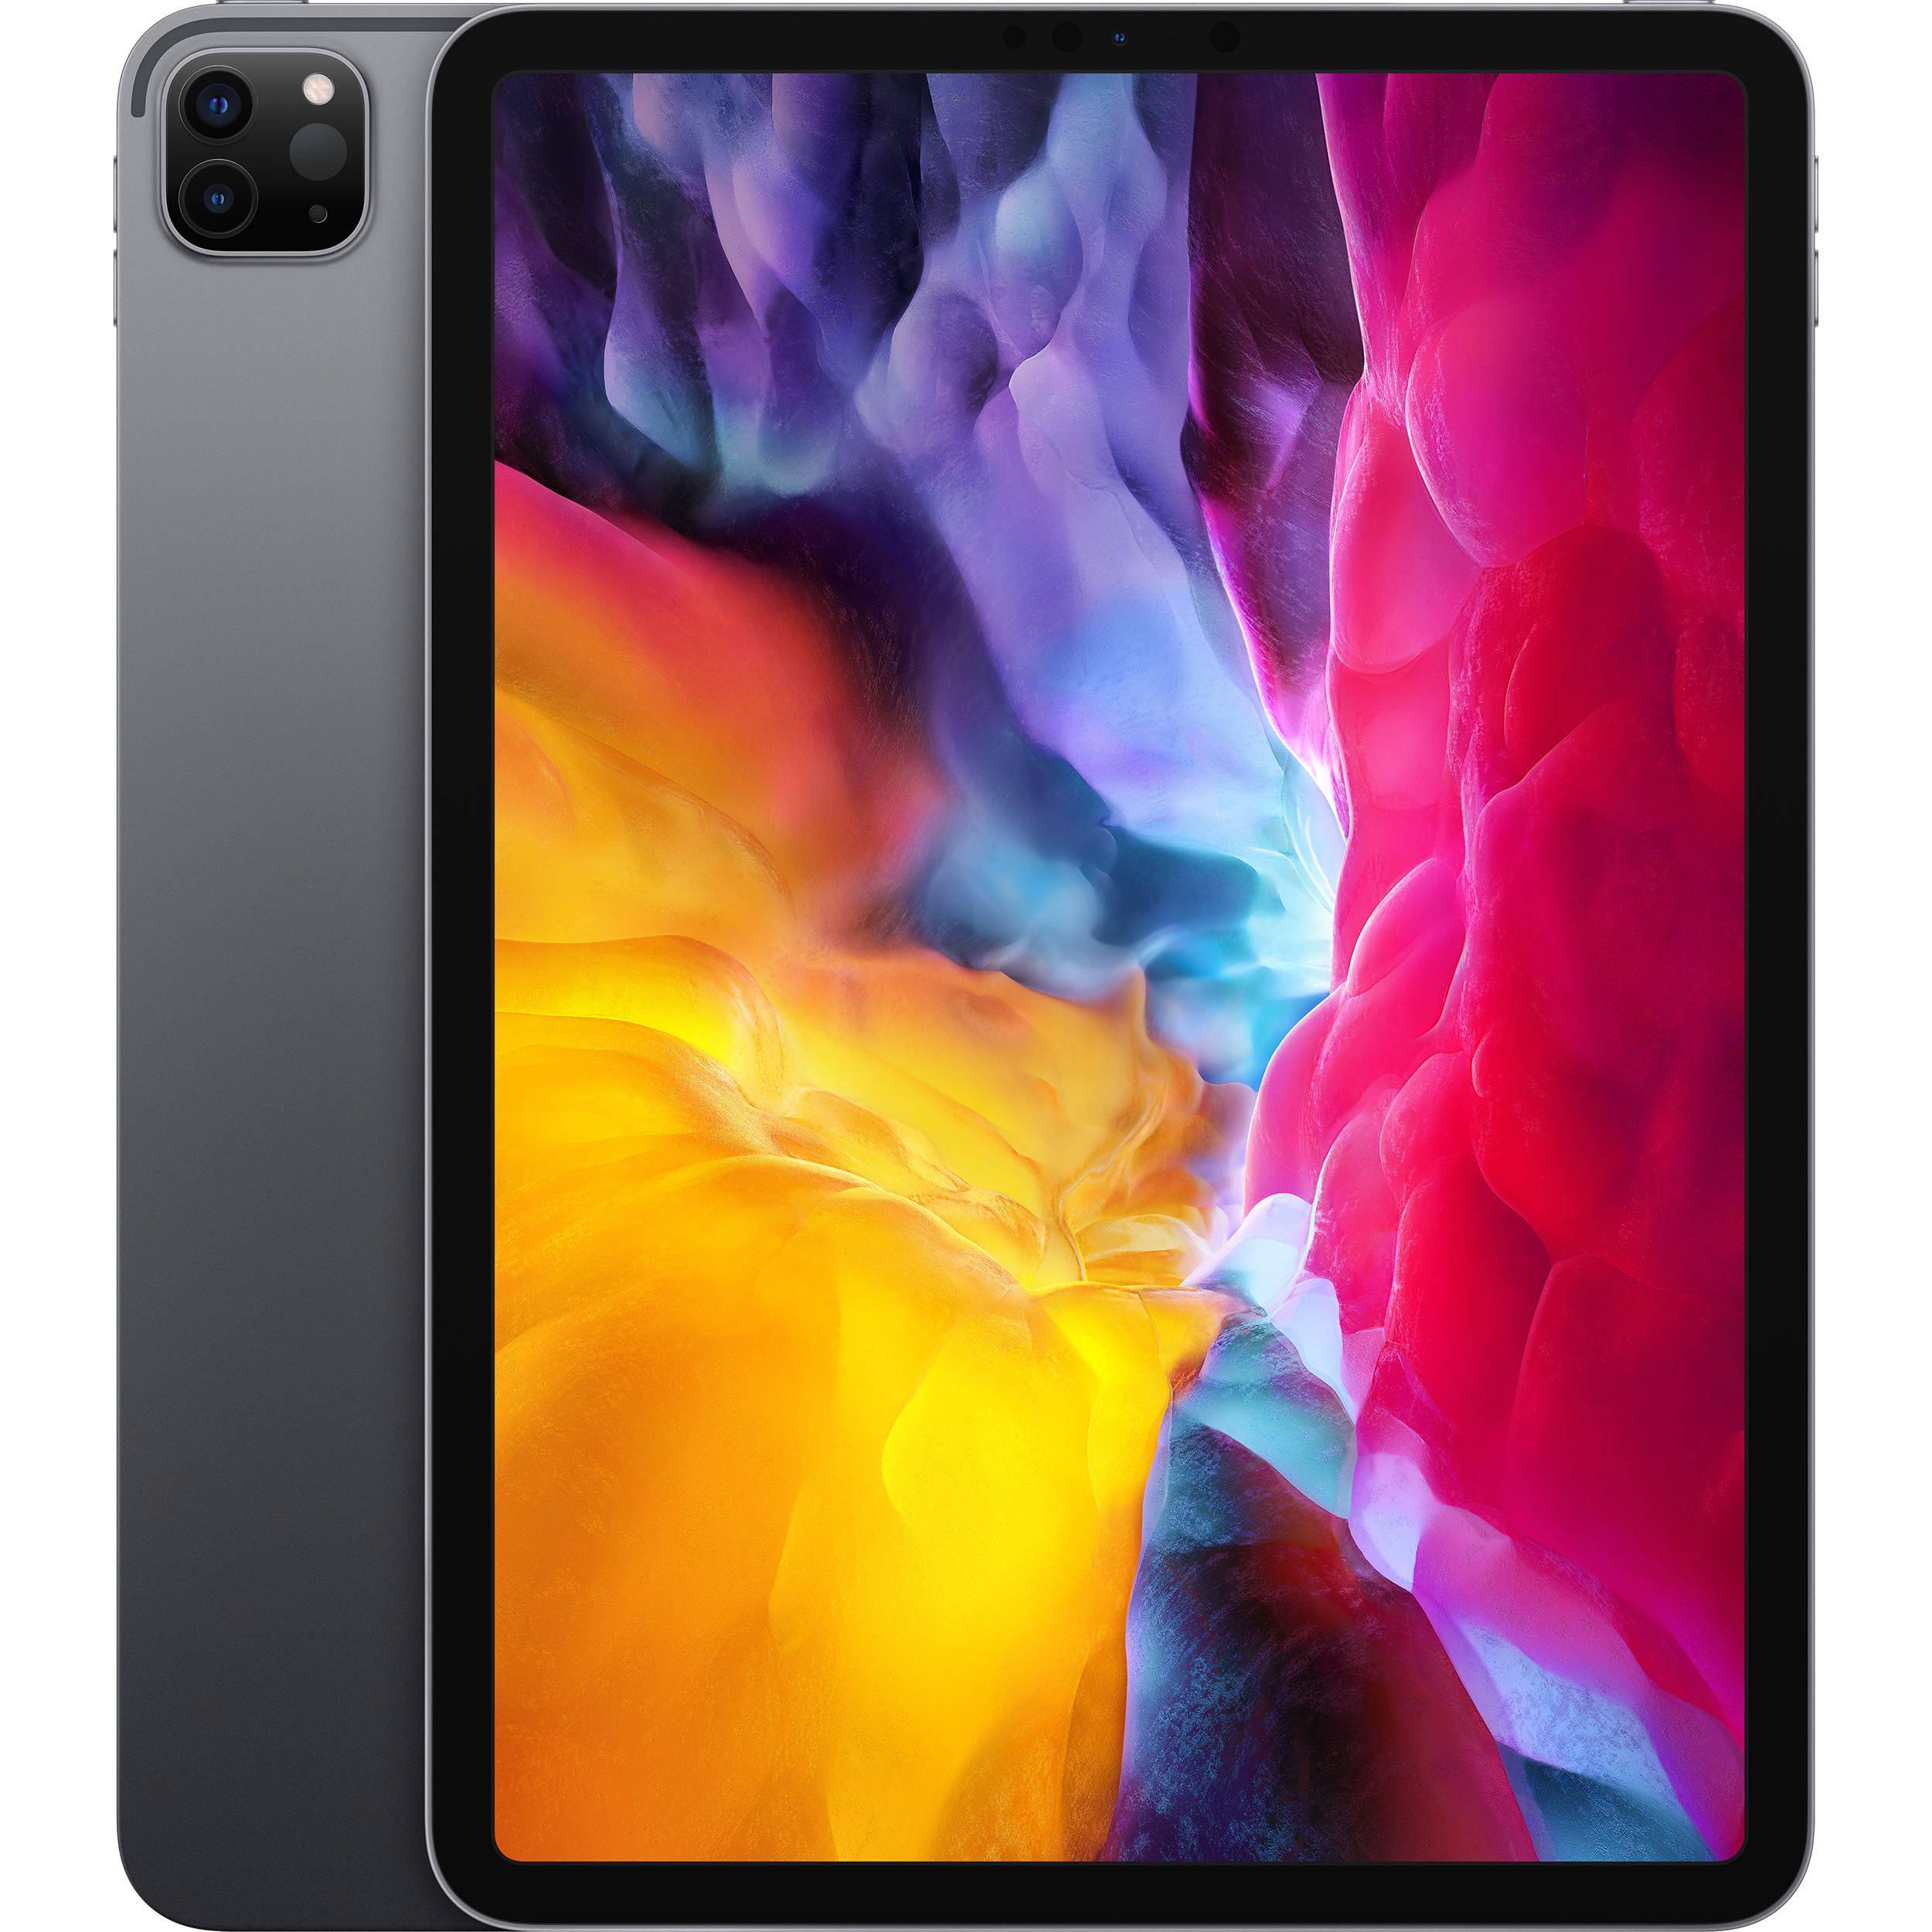 Máy Tính Bảng Apple iPad Pro 11 2020 2nd 128GB Wifi Space Gray MY232ZA/A |  Tìm Hàng Công Nghệ